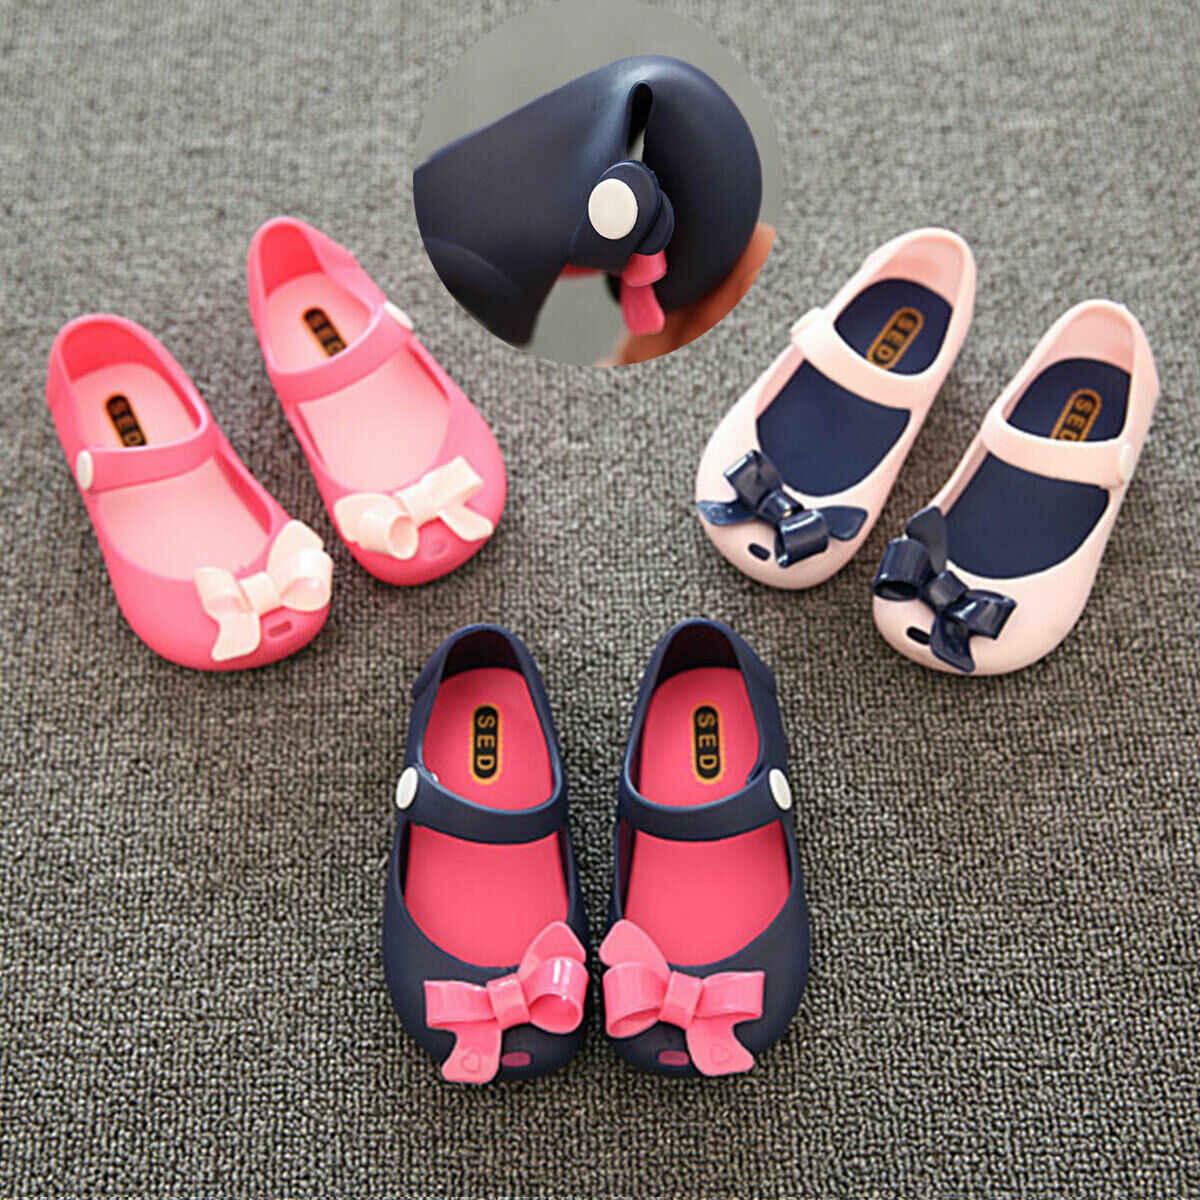 Trẻ sơ sinh Trẻ Sơ Sinh Cho Bé Dép Bé Gái Giày Trẻ Em Nhựa Chống trơn trượt Nơ Mùa Hè Khóa Giày